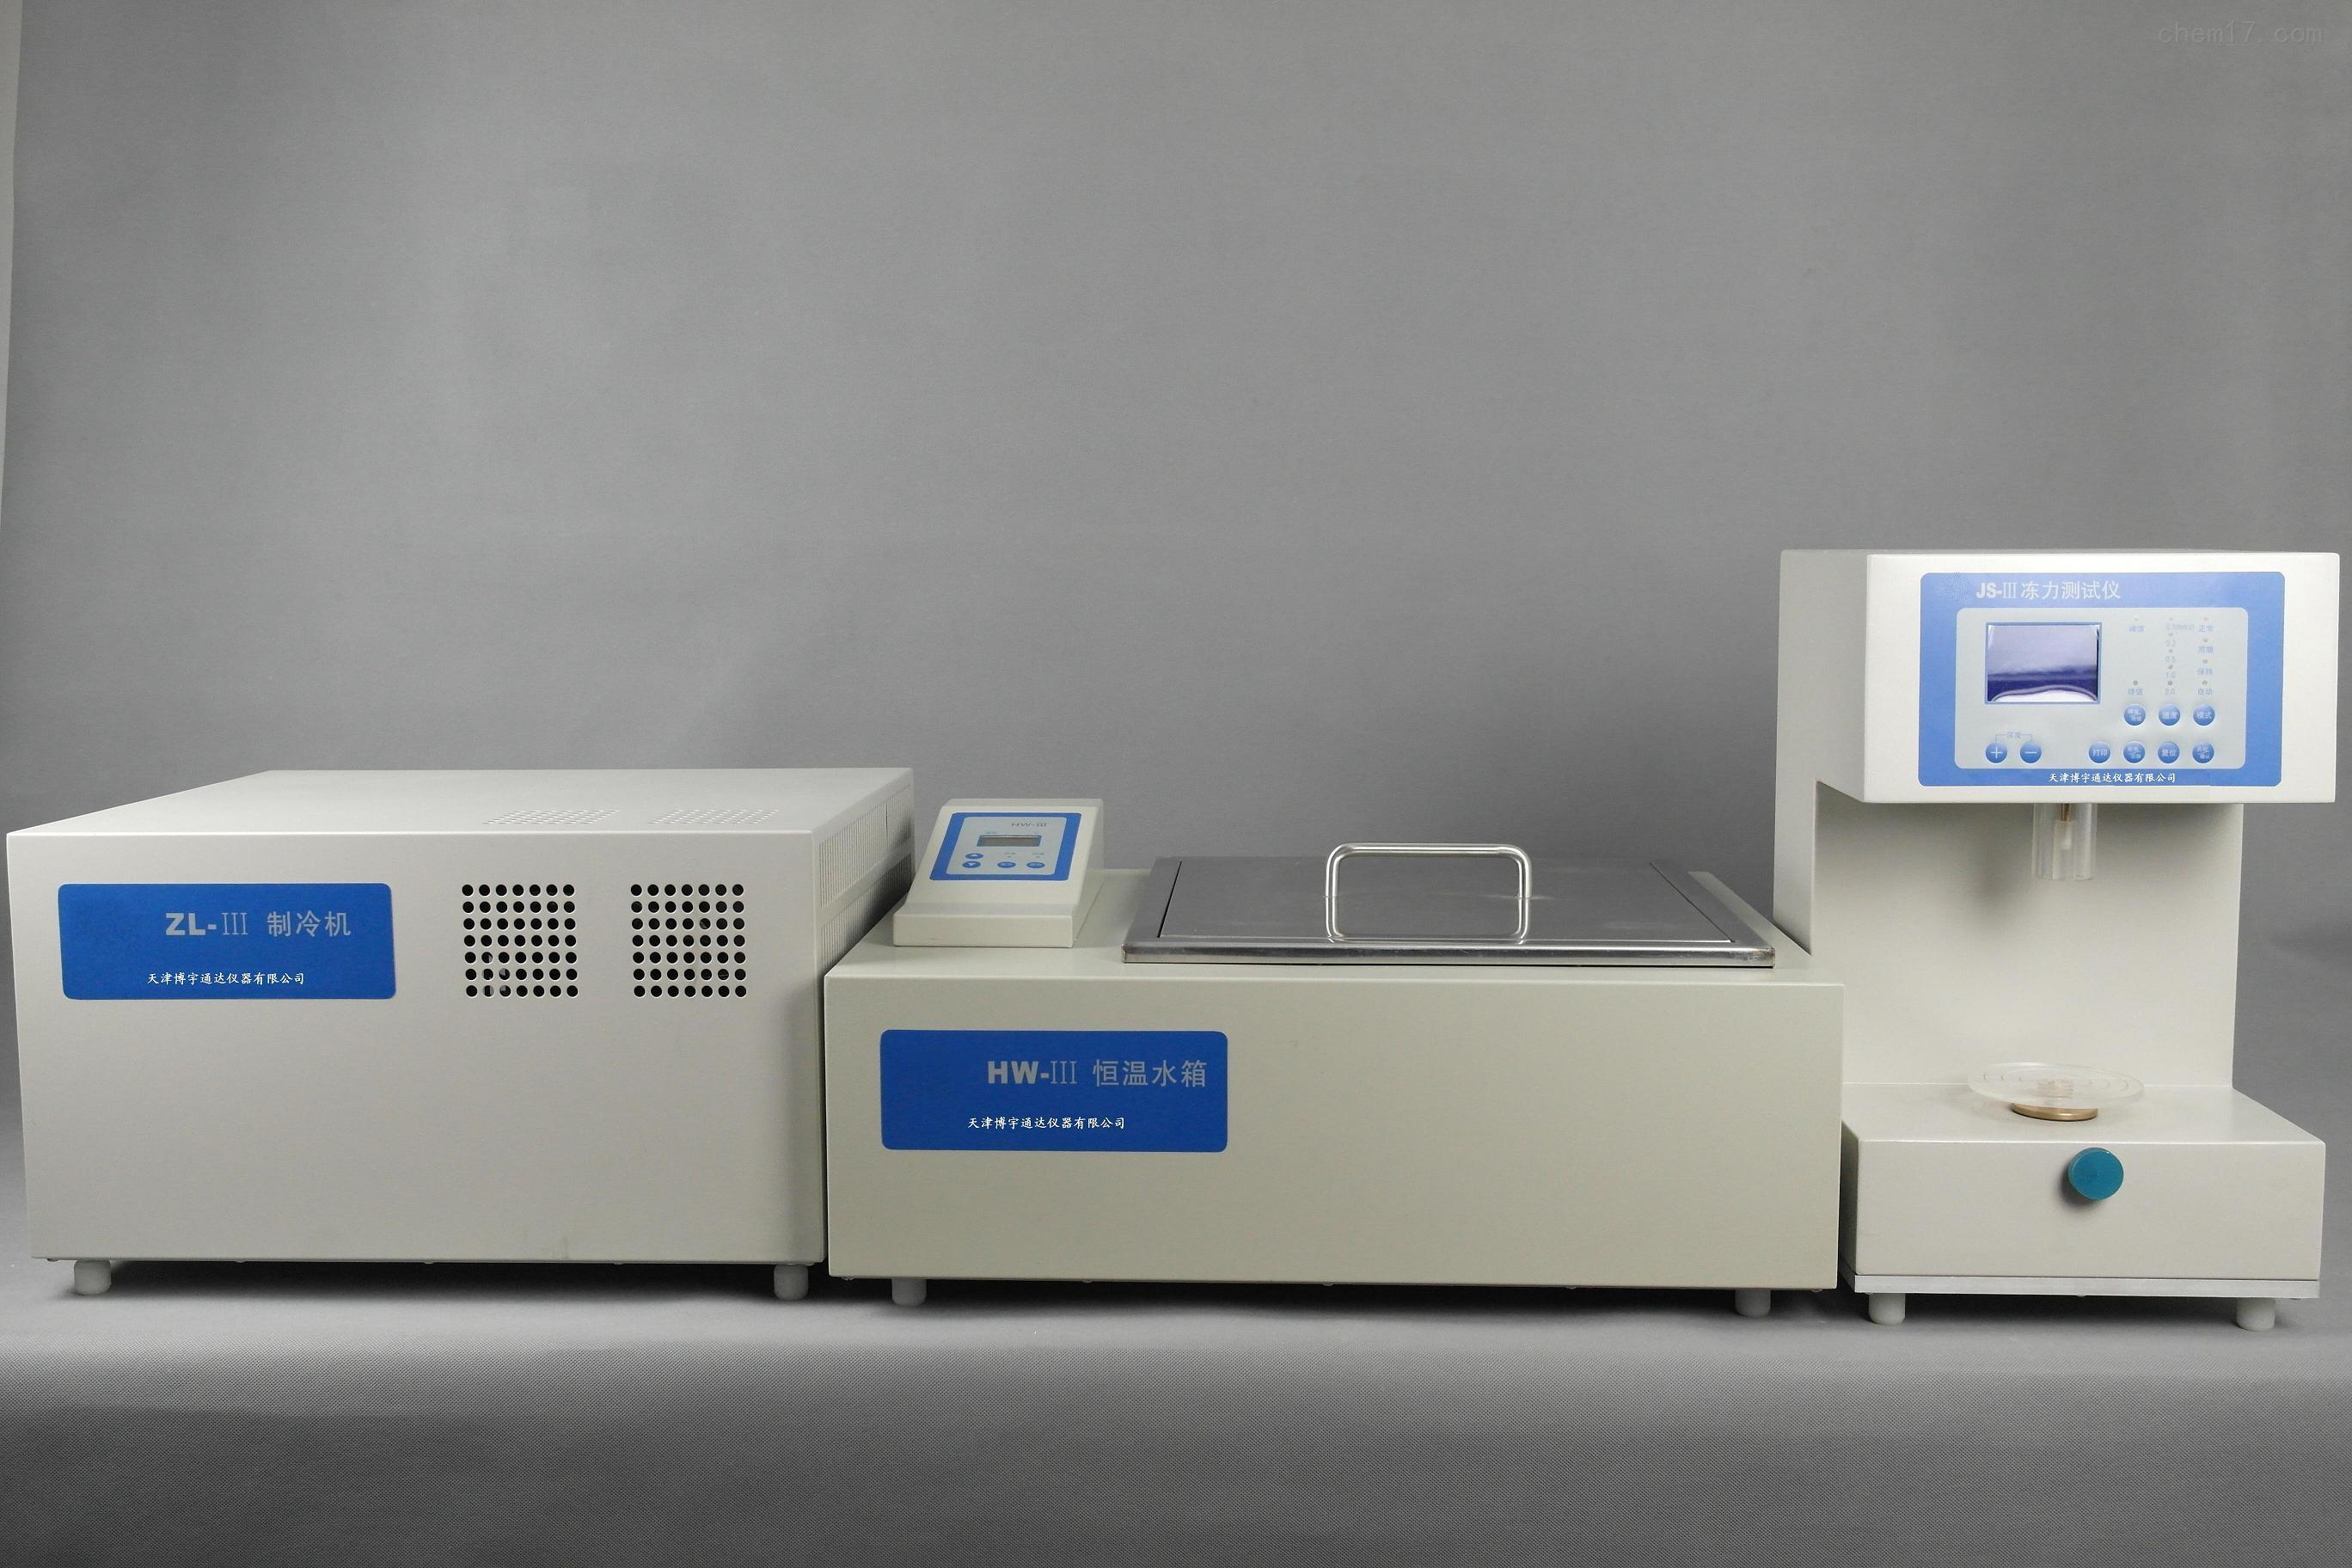 明胶冻力测试仪